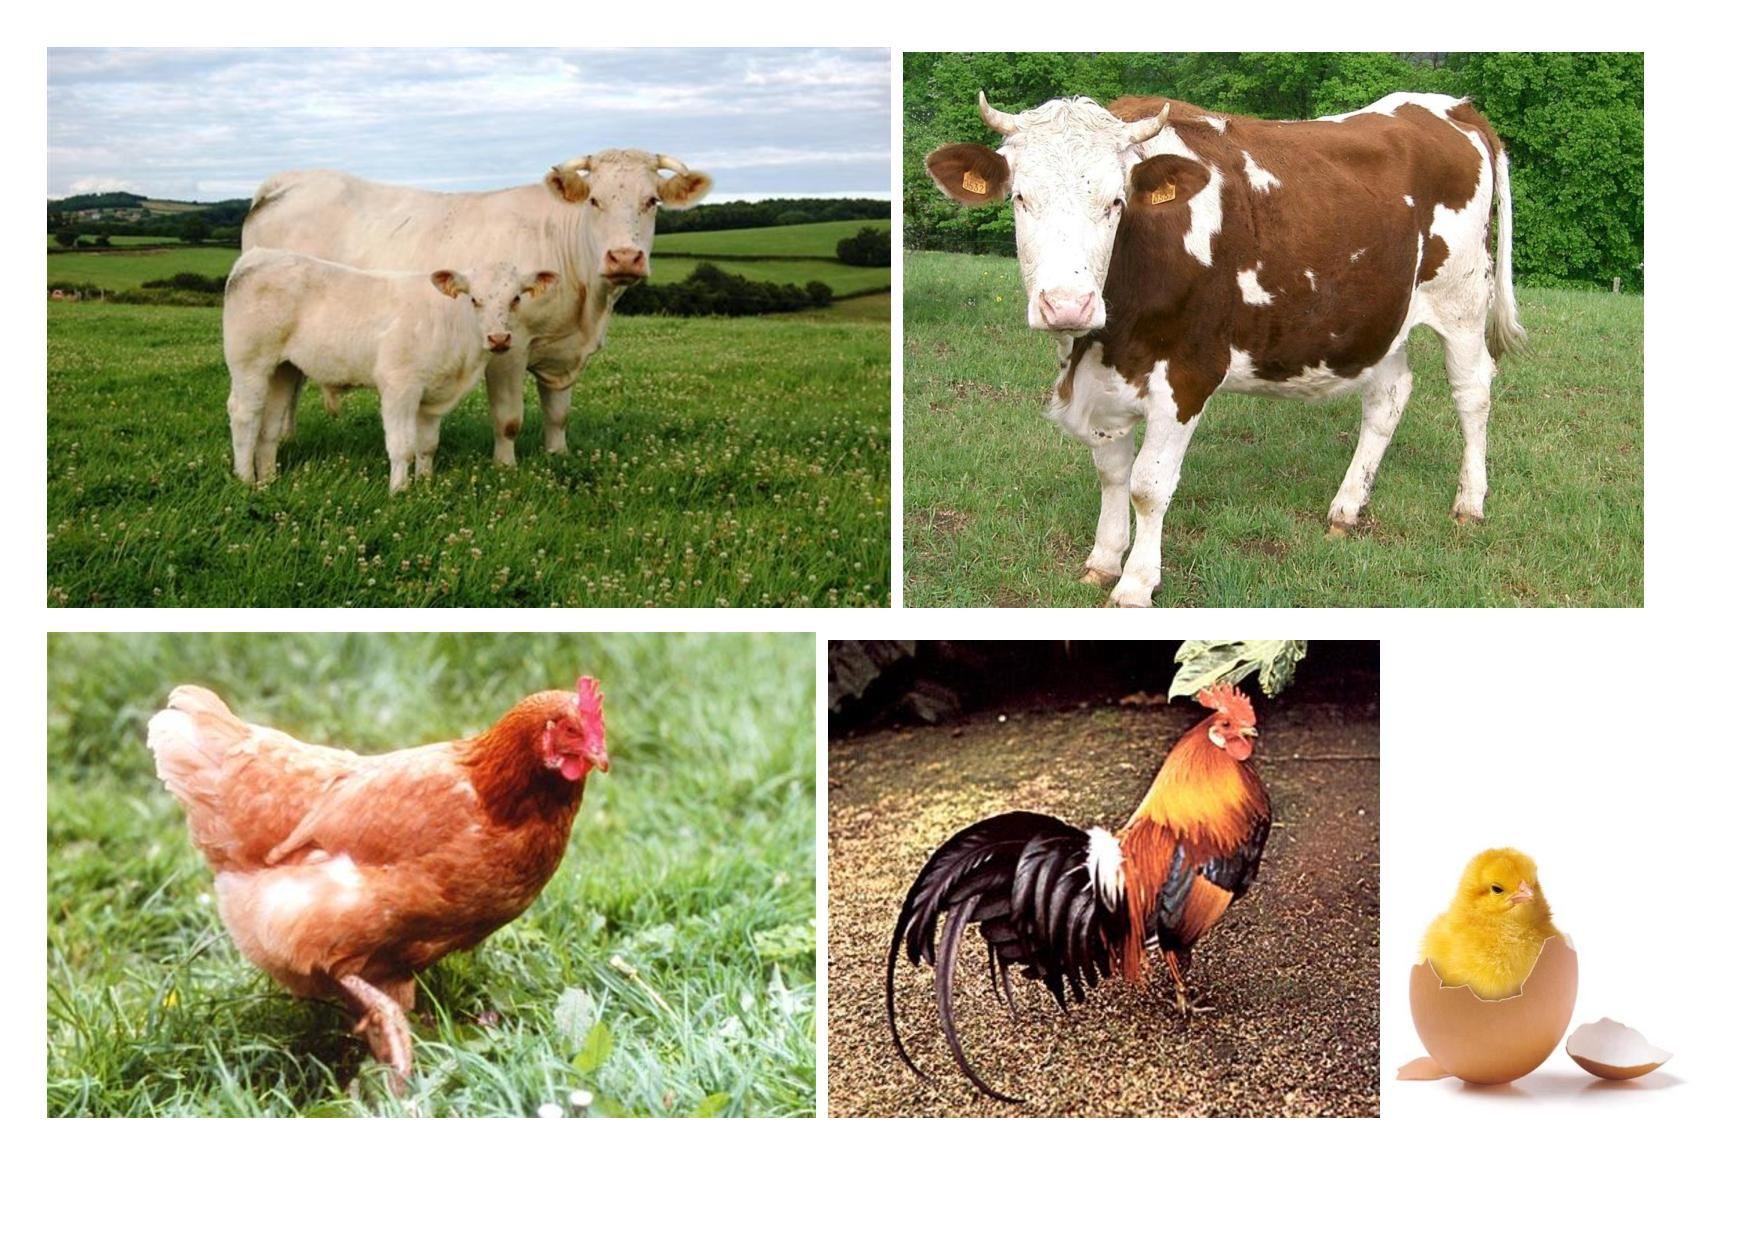 Imagier des animaux de la ferme - Imagier animaux de la ferme ...